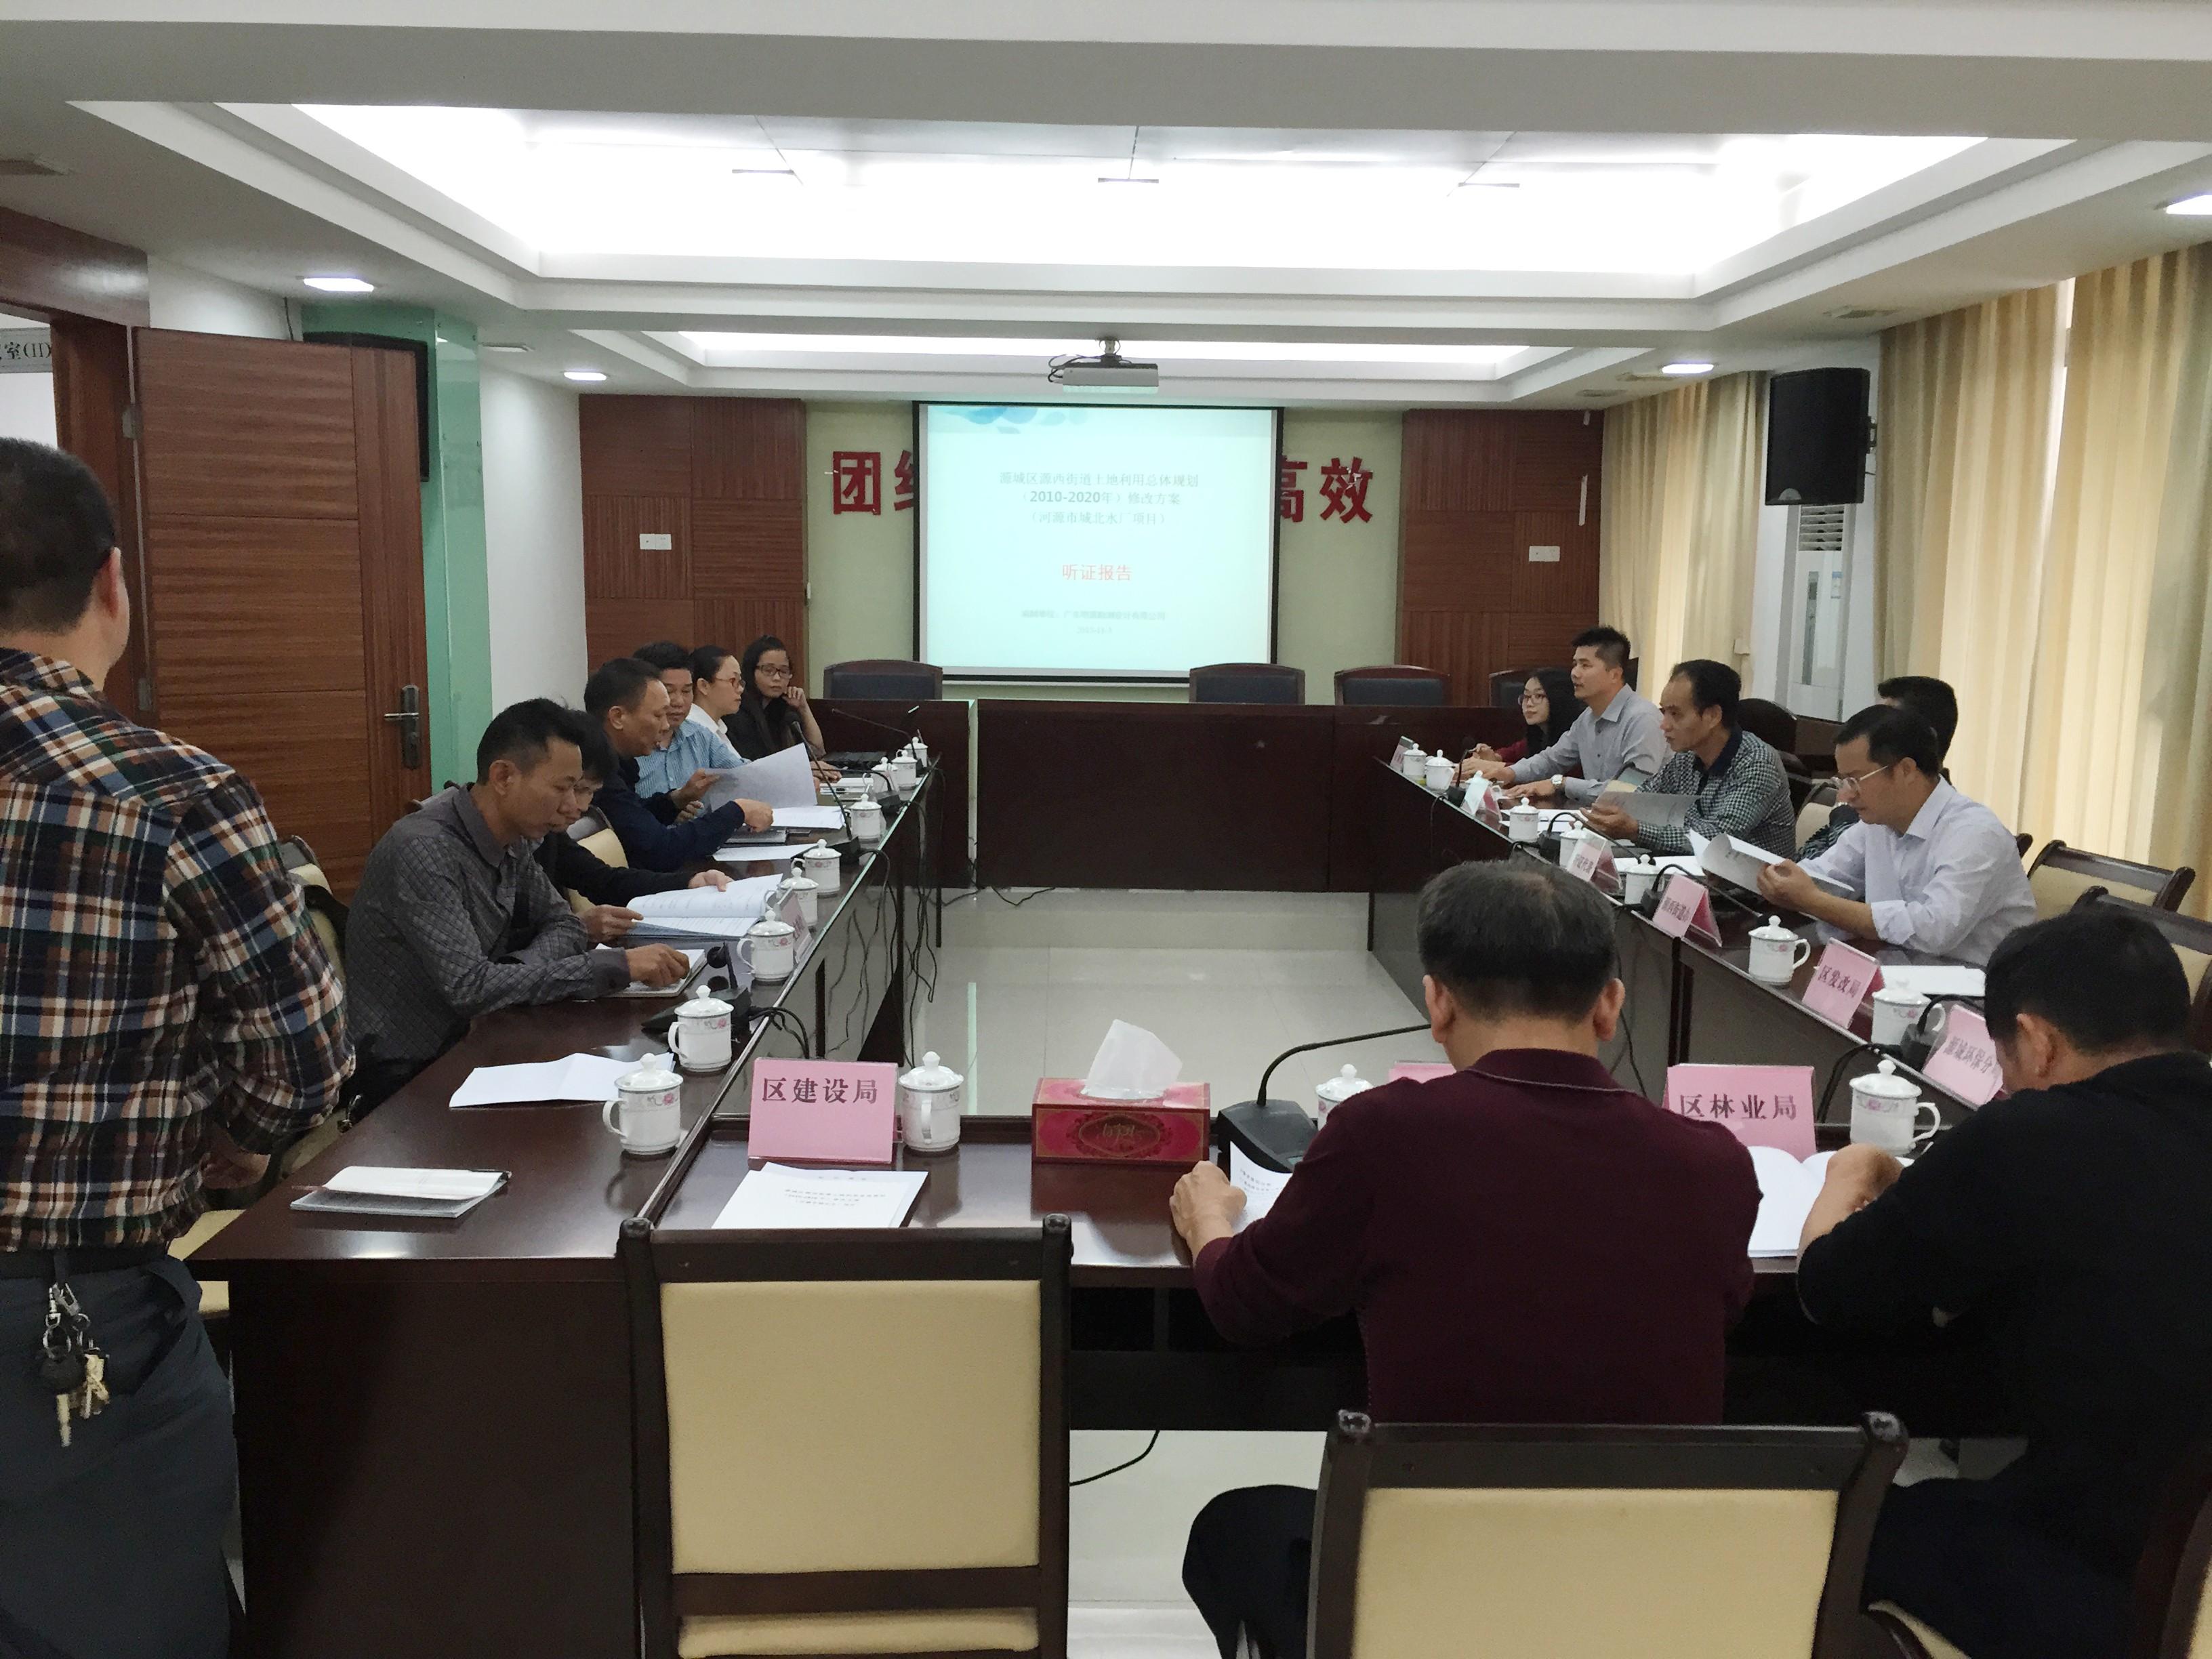 明源勘察画册1503-土地规划方案评审会